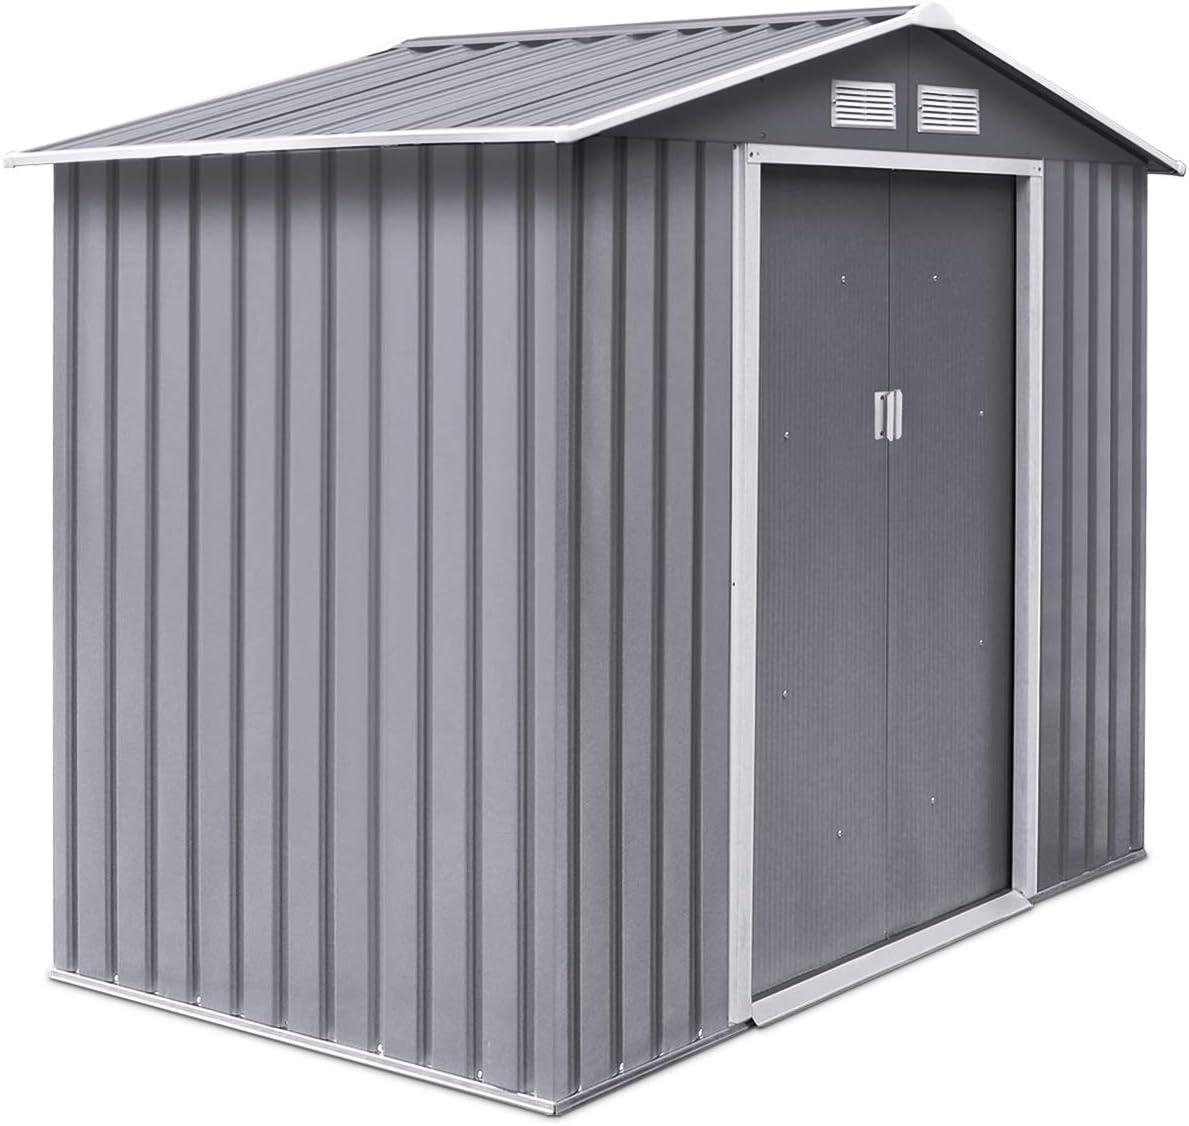 Cobway cobertizo de metal para jardín con puertas correderas dobles y techo de ventilación, base desmontable, resistente al agua y al óxido, hoja galvanizada: Amazon.es: Jardín